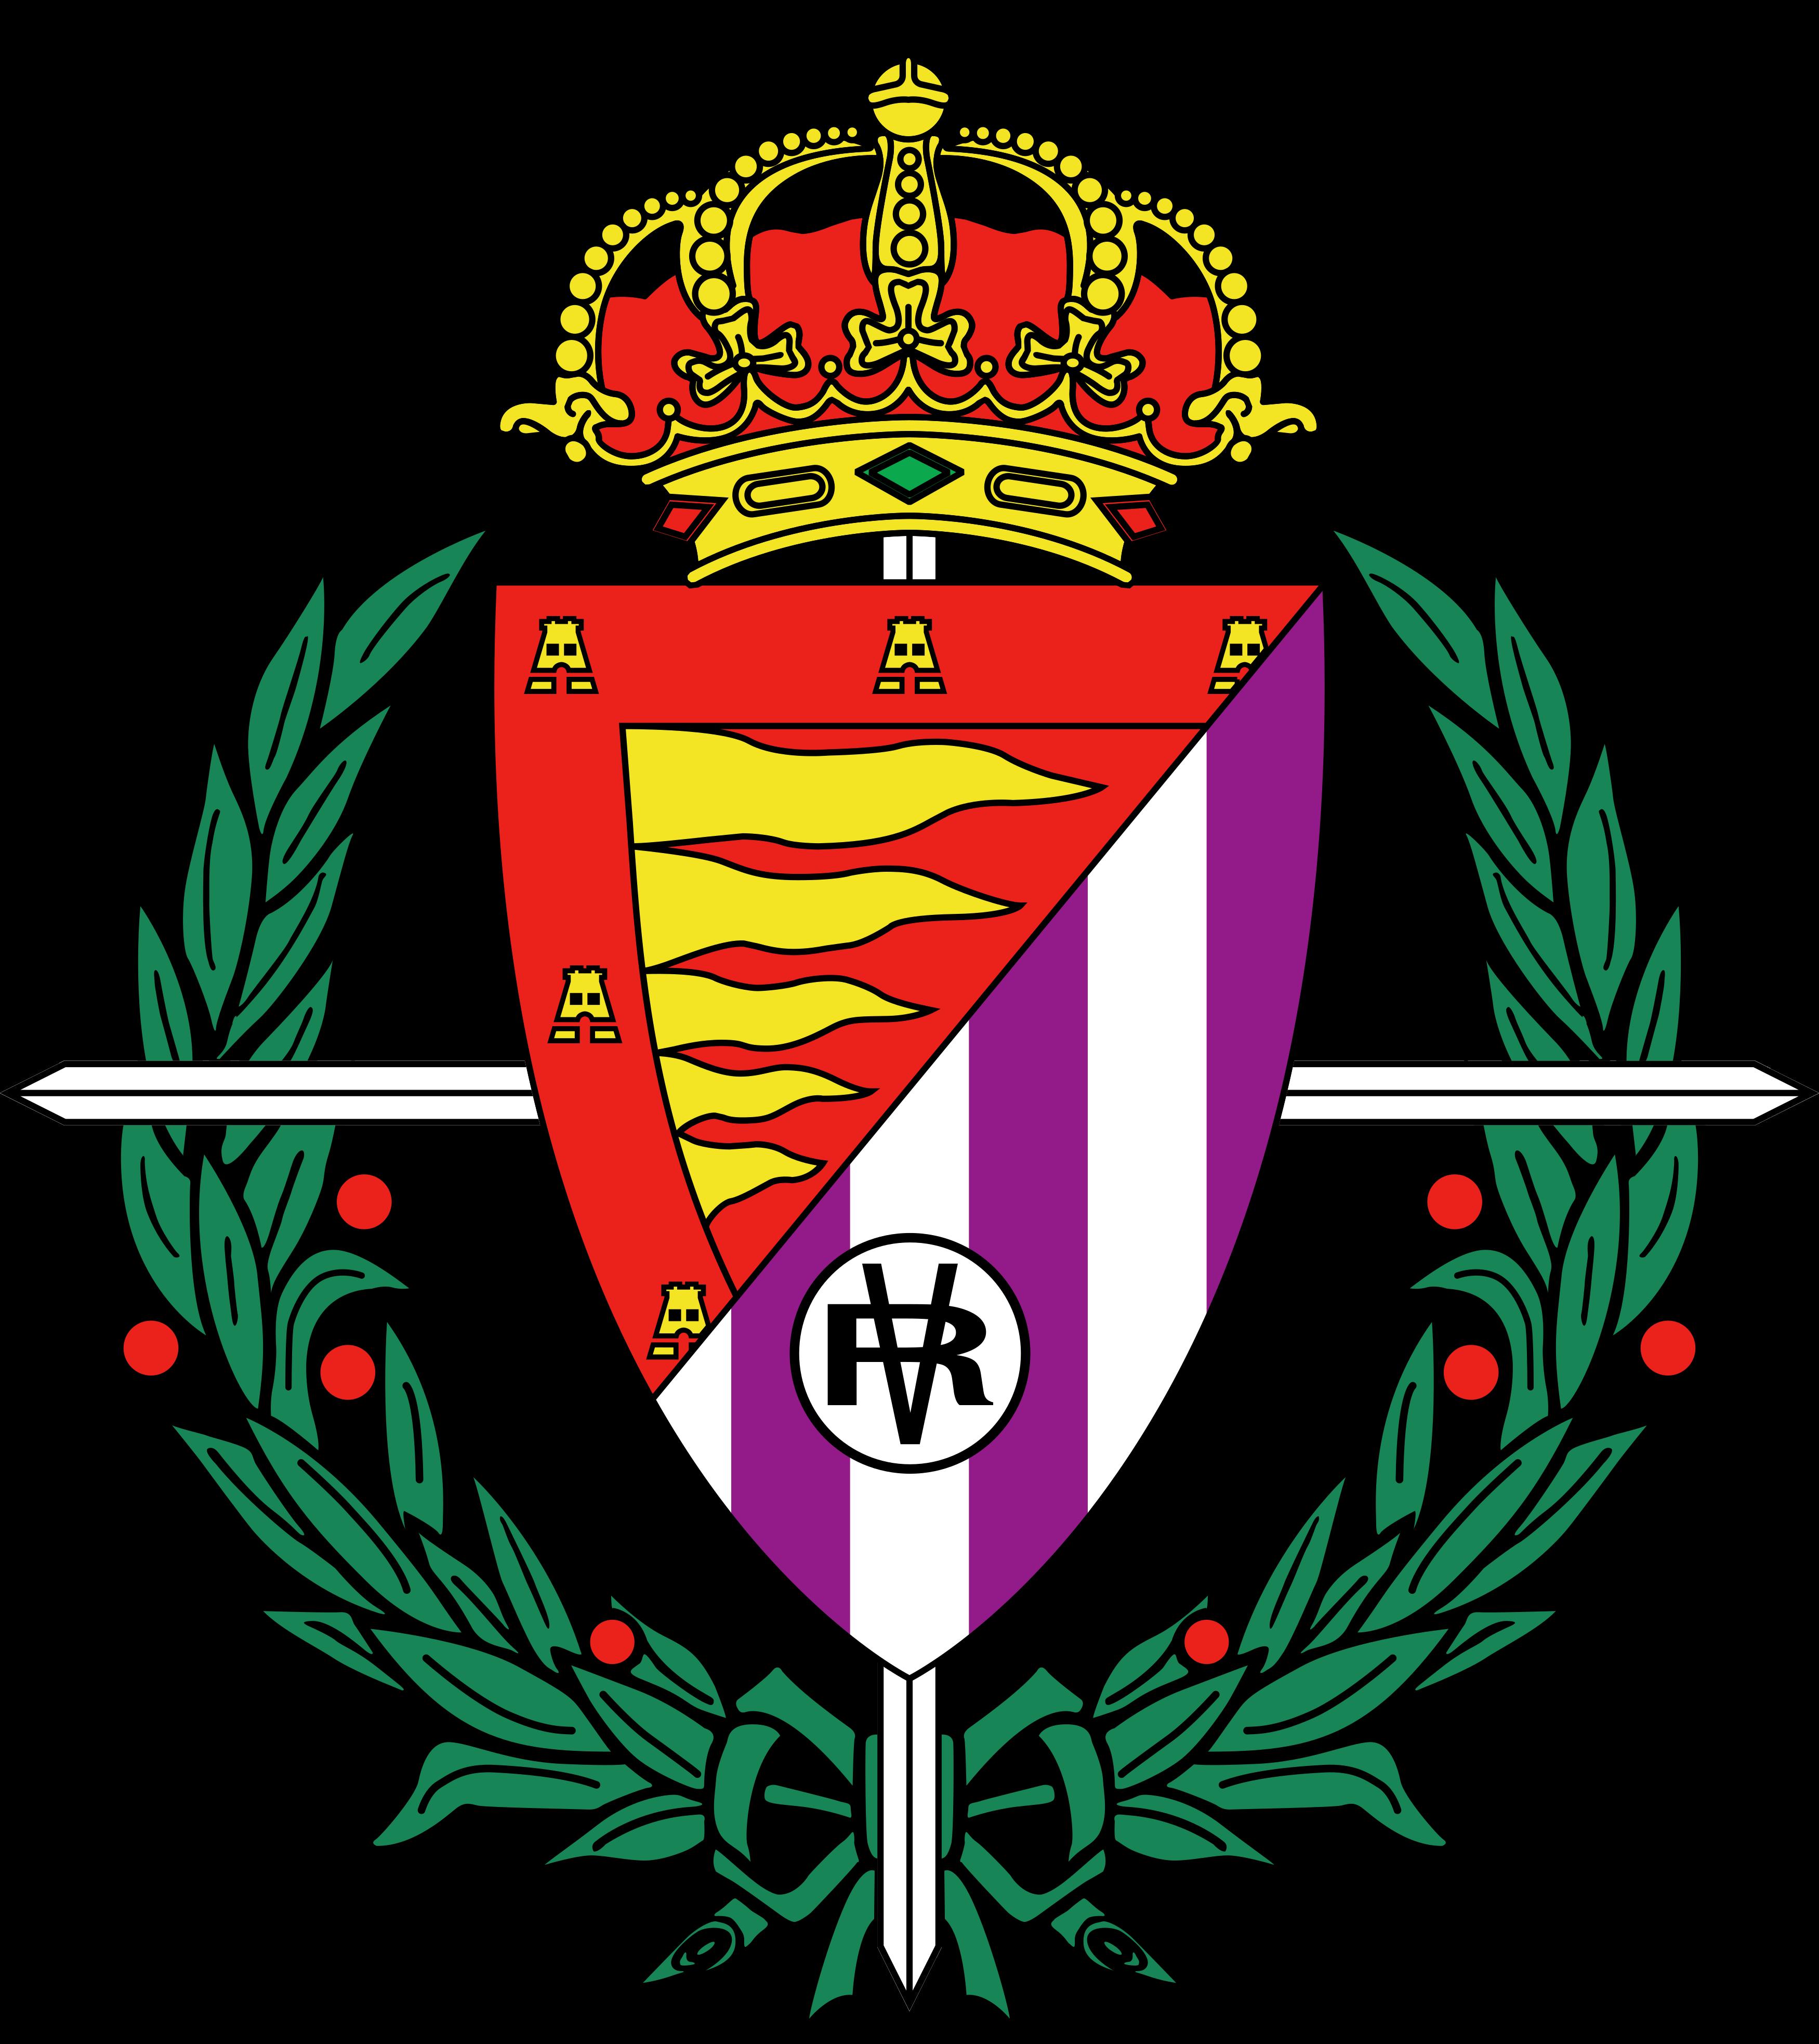 real-valladolid-logo-escudo